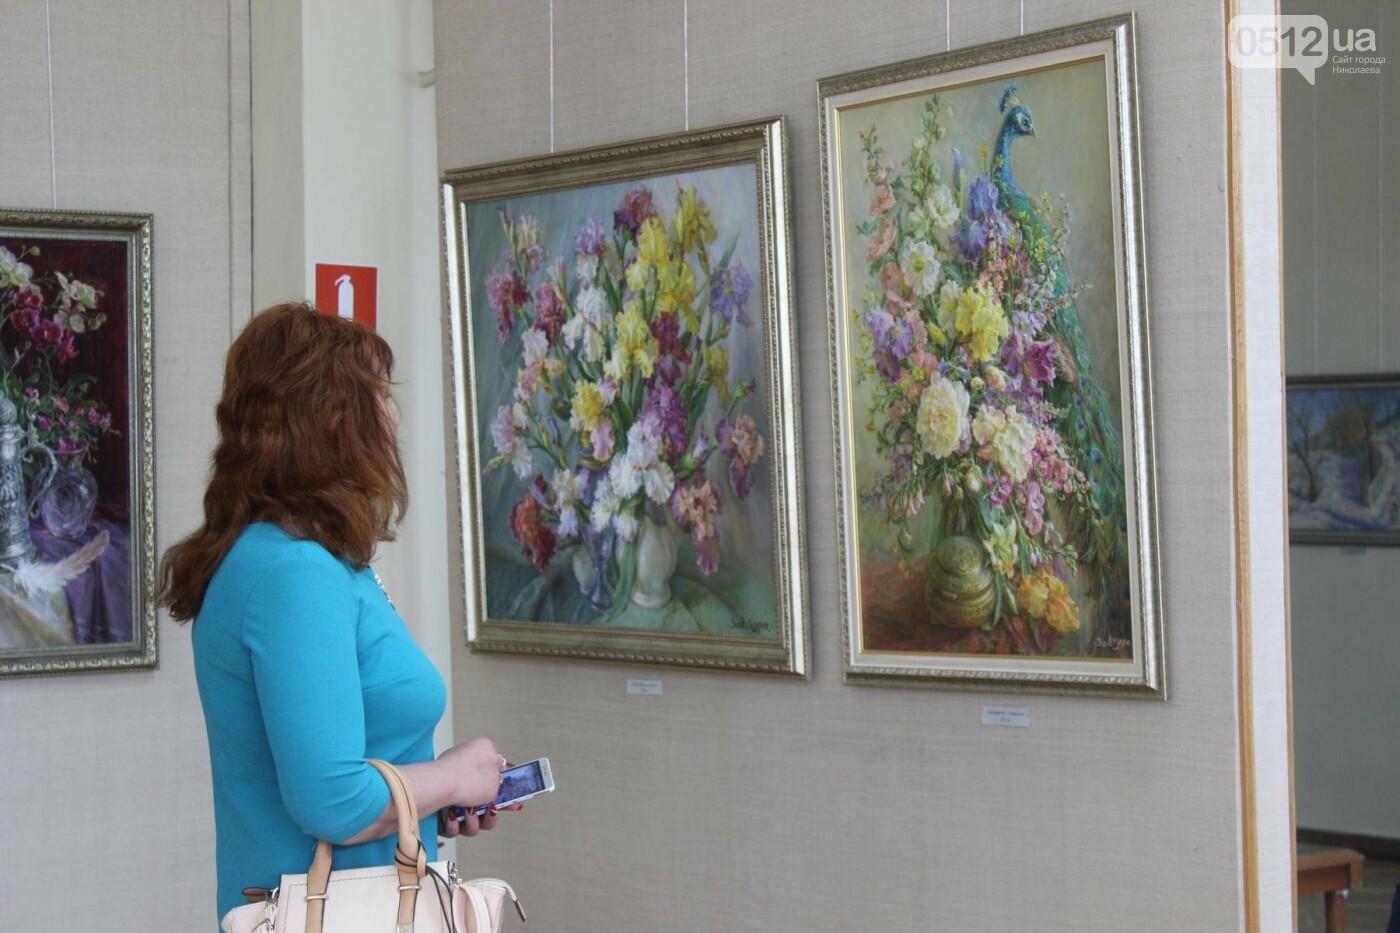 Николаевская художница Светлана Завтура презентовала свою юбилейную выставку, - ФОТО, фото-18